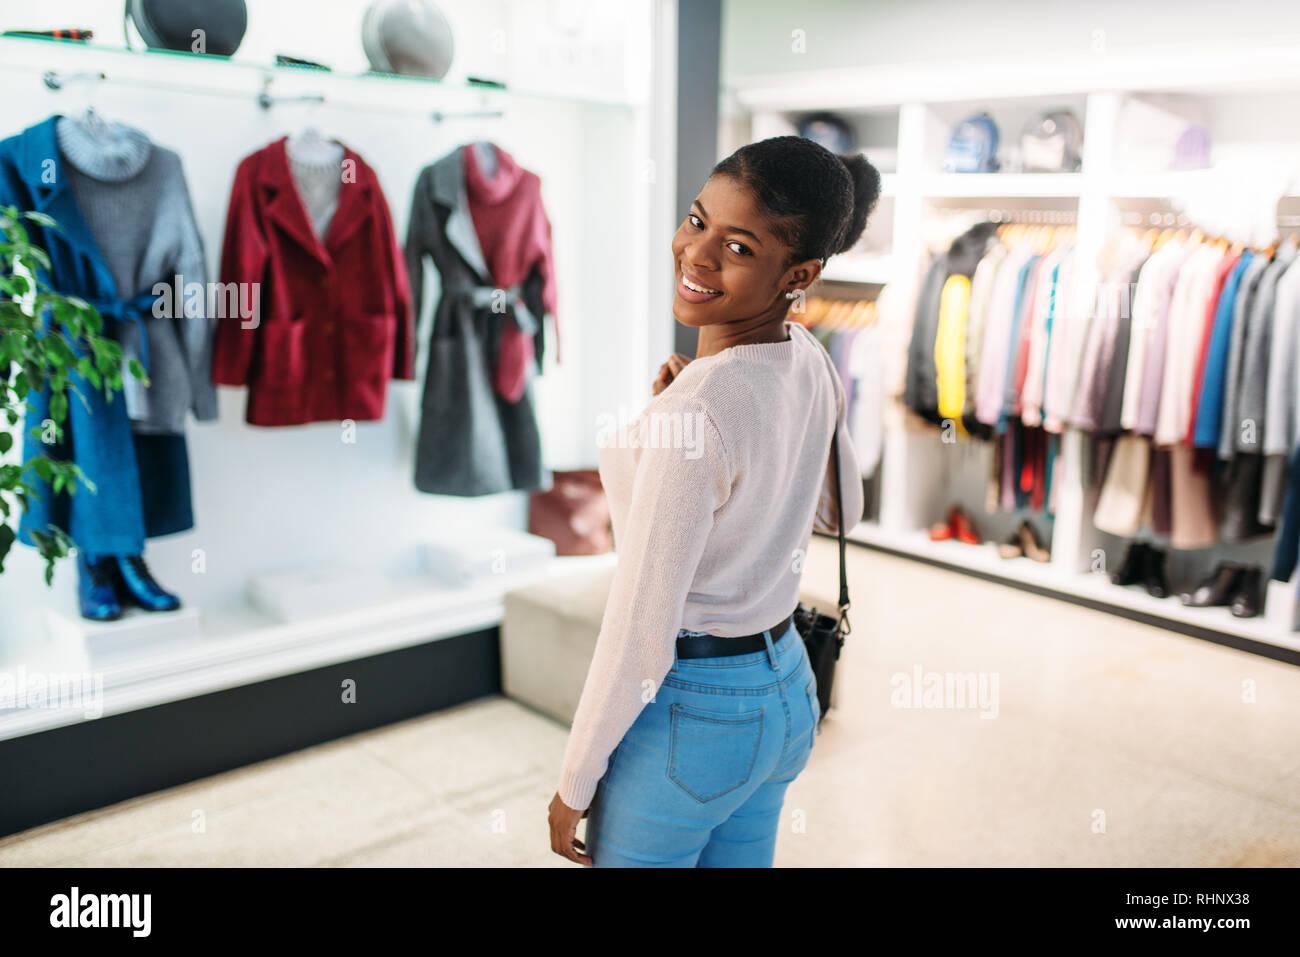 la mejor actitud 9e664 6e35f Atractiva dama negra contra la vitrina con abrigos, compras ...